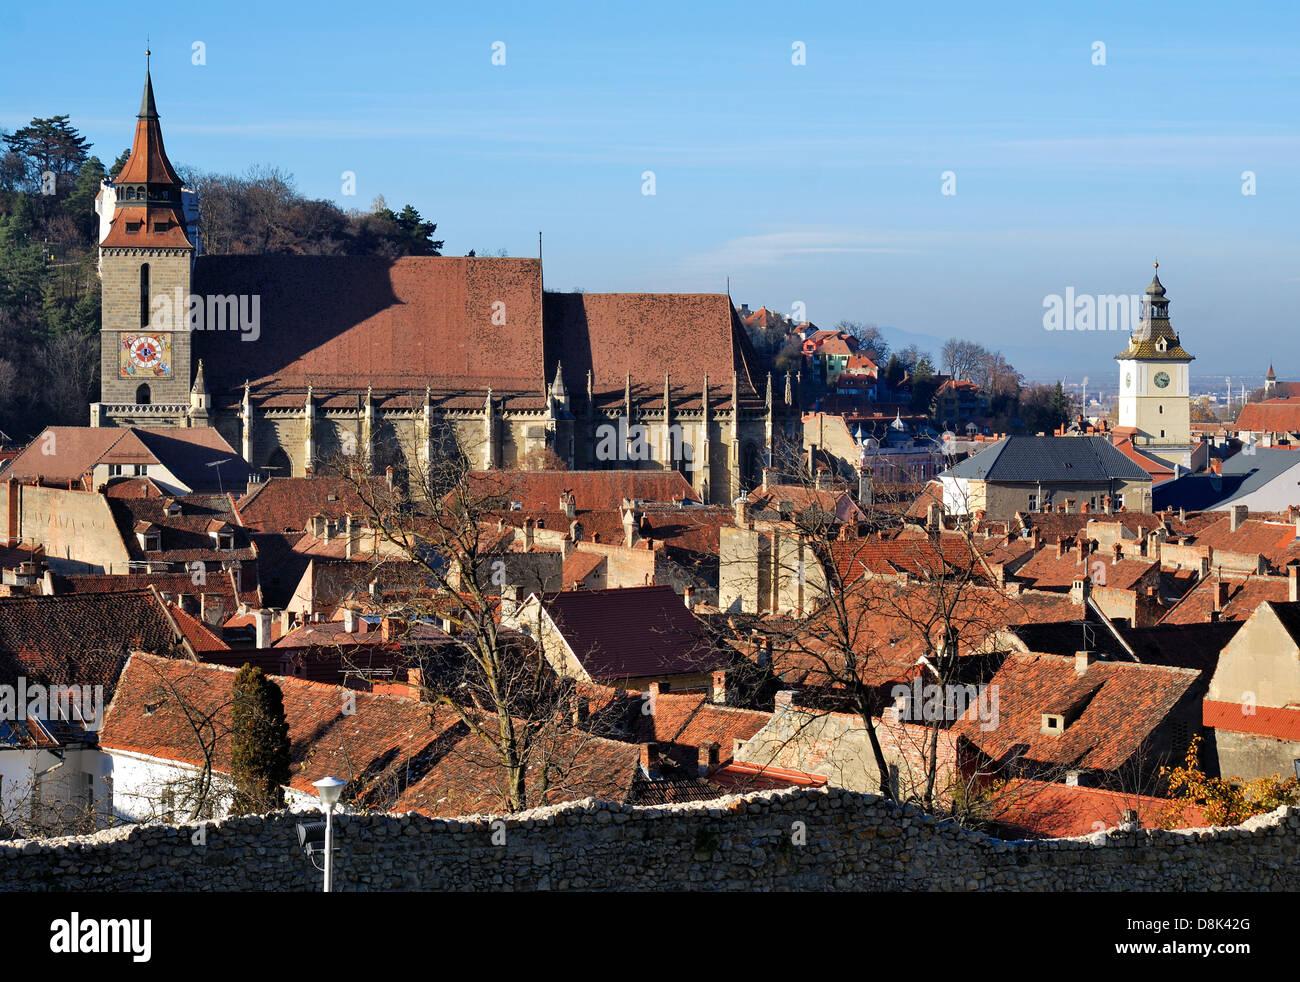 Brasov medieval downtown with Black Church. Transylvania, Romania. - Stock Image